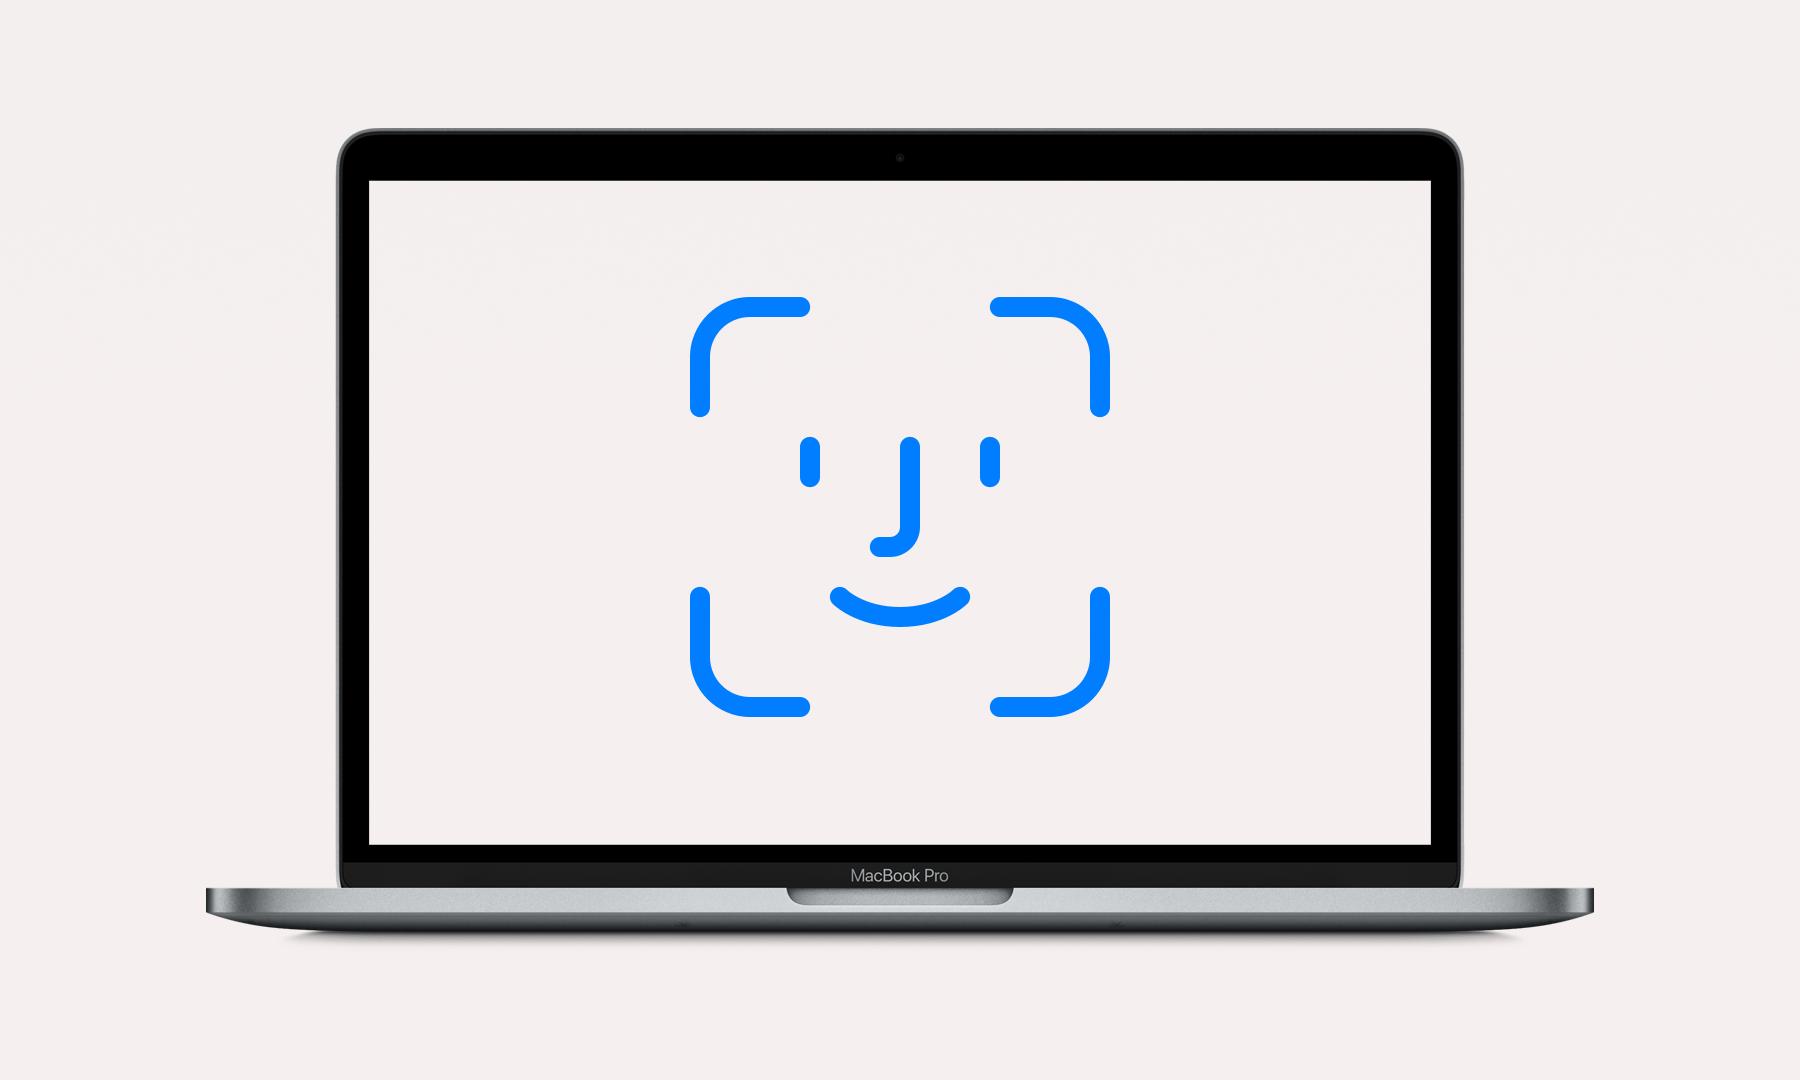 未来 Mac 或将支持 Face ID 人脸识别功能